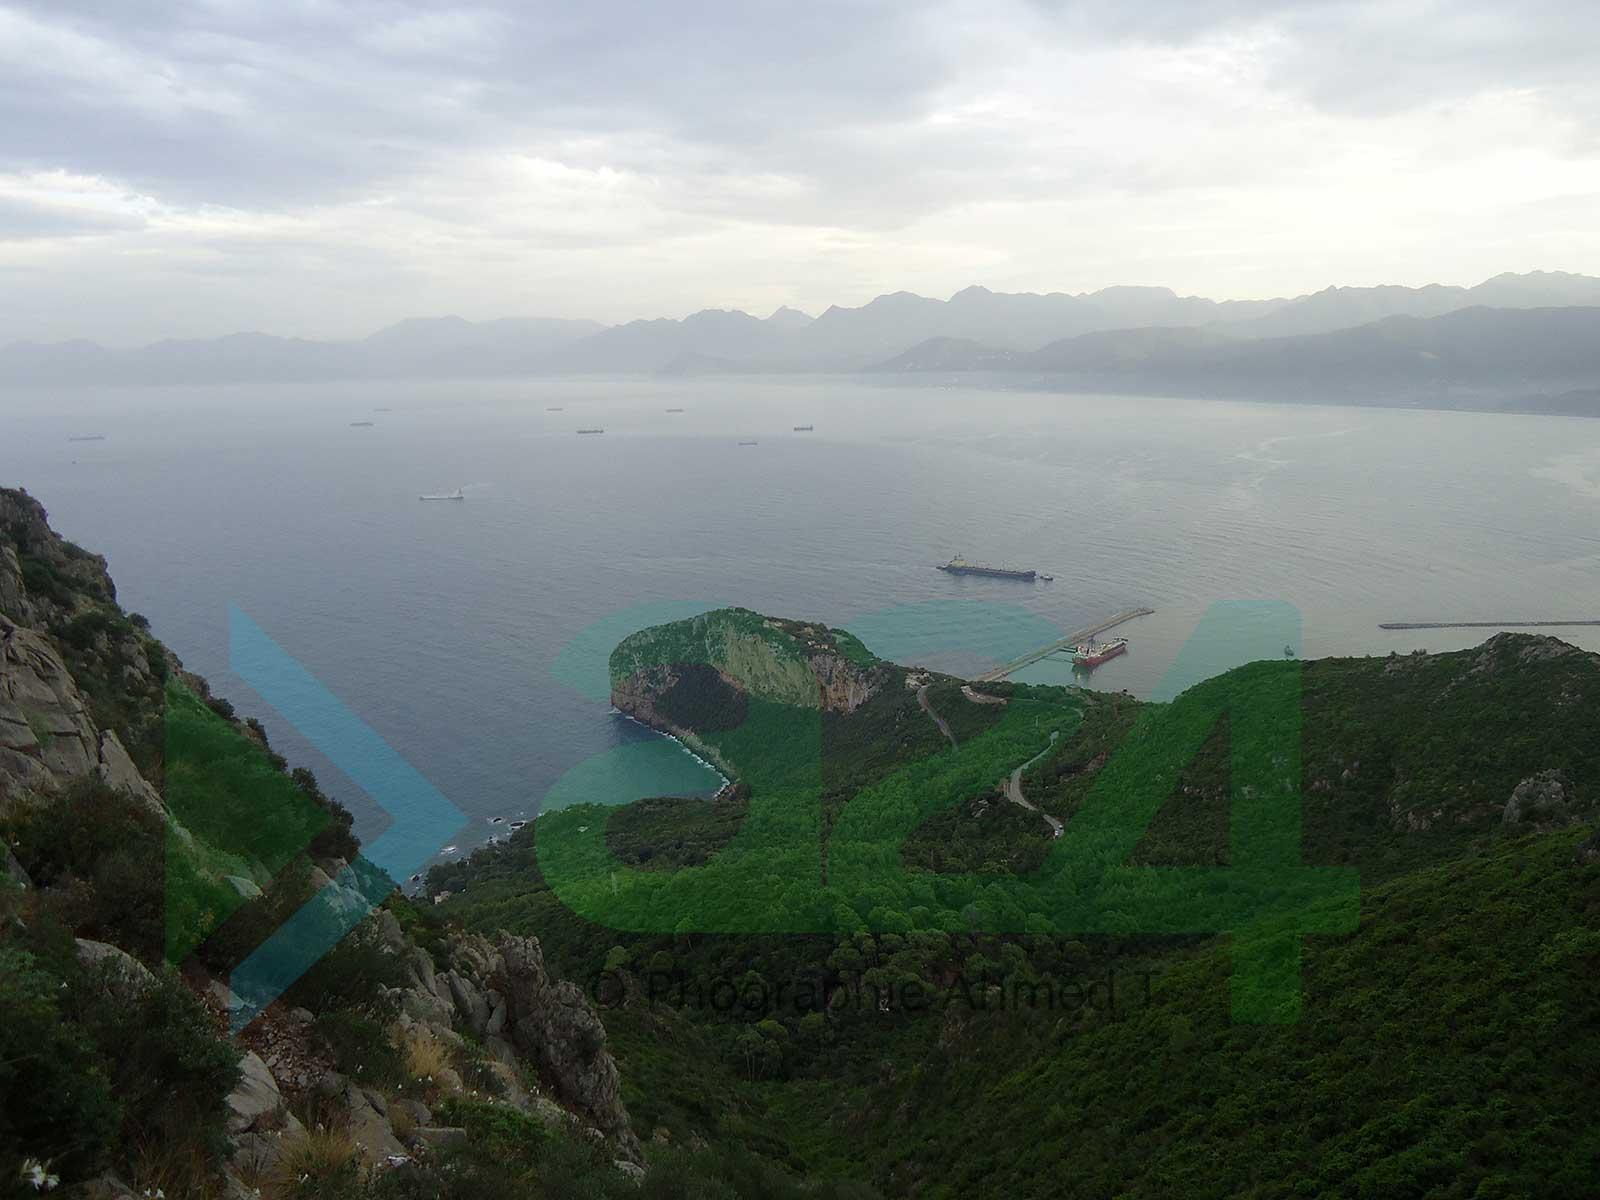 Vue panoramique de la baie de Bgayet - Kabylie